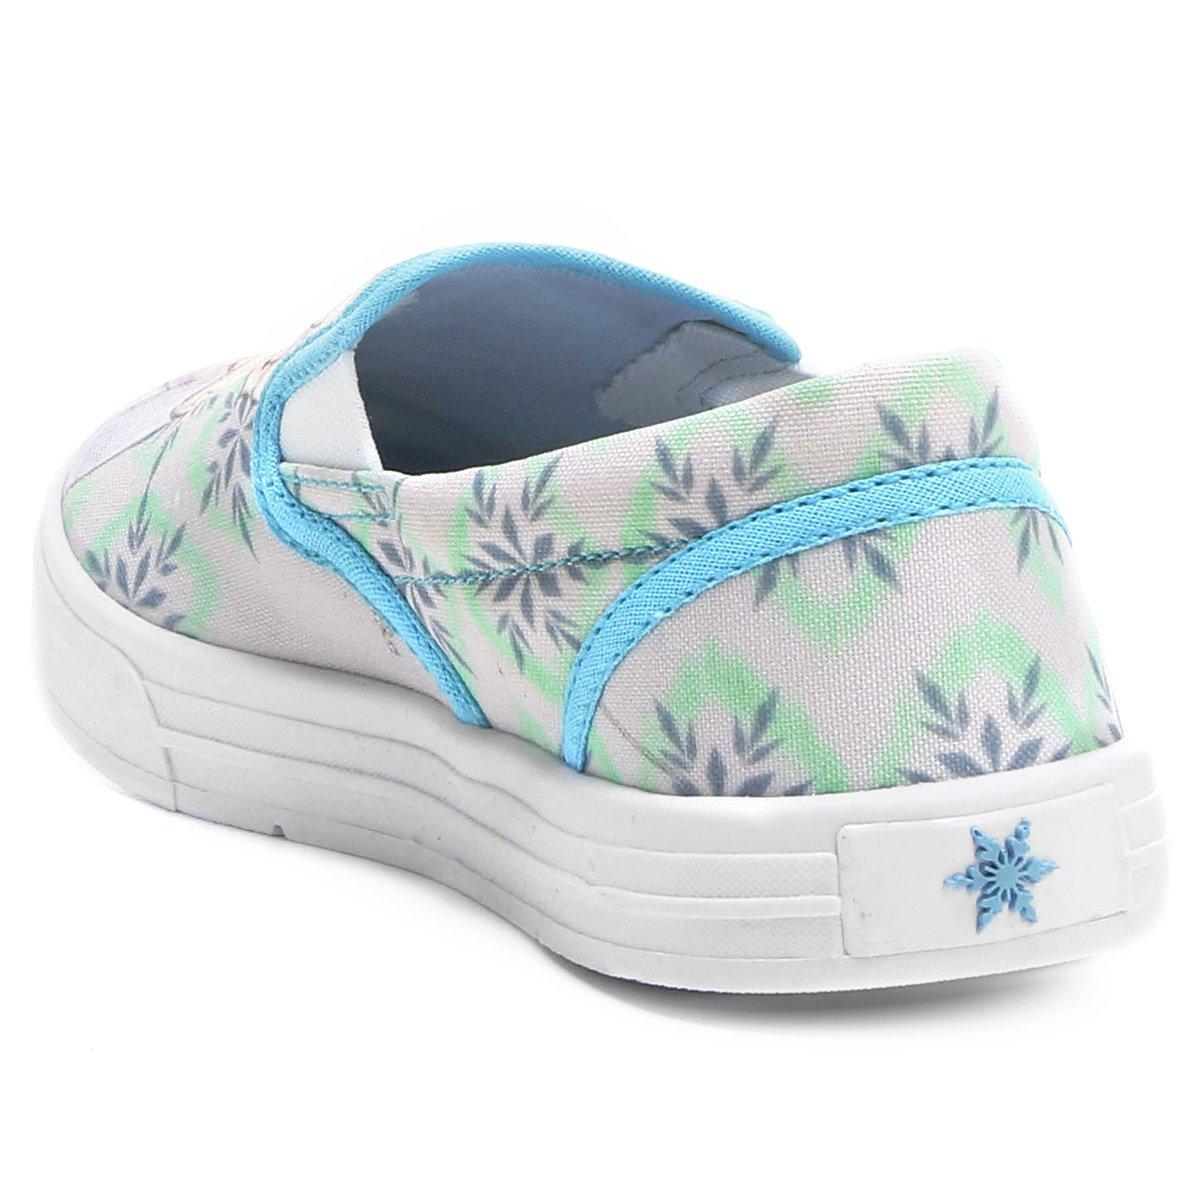 Tênis Disney Iate Elsa Infantil - Azul e Branco - Compre Agora ... 02cdc2005b7bb